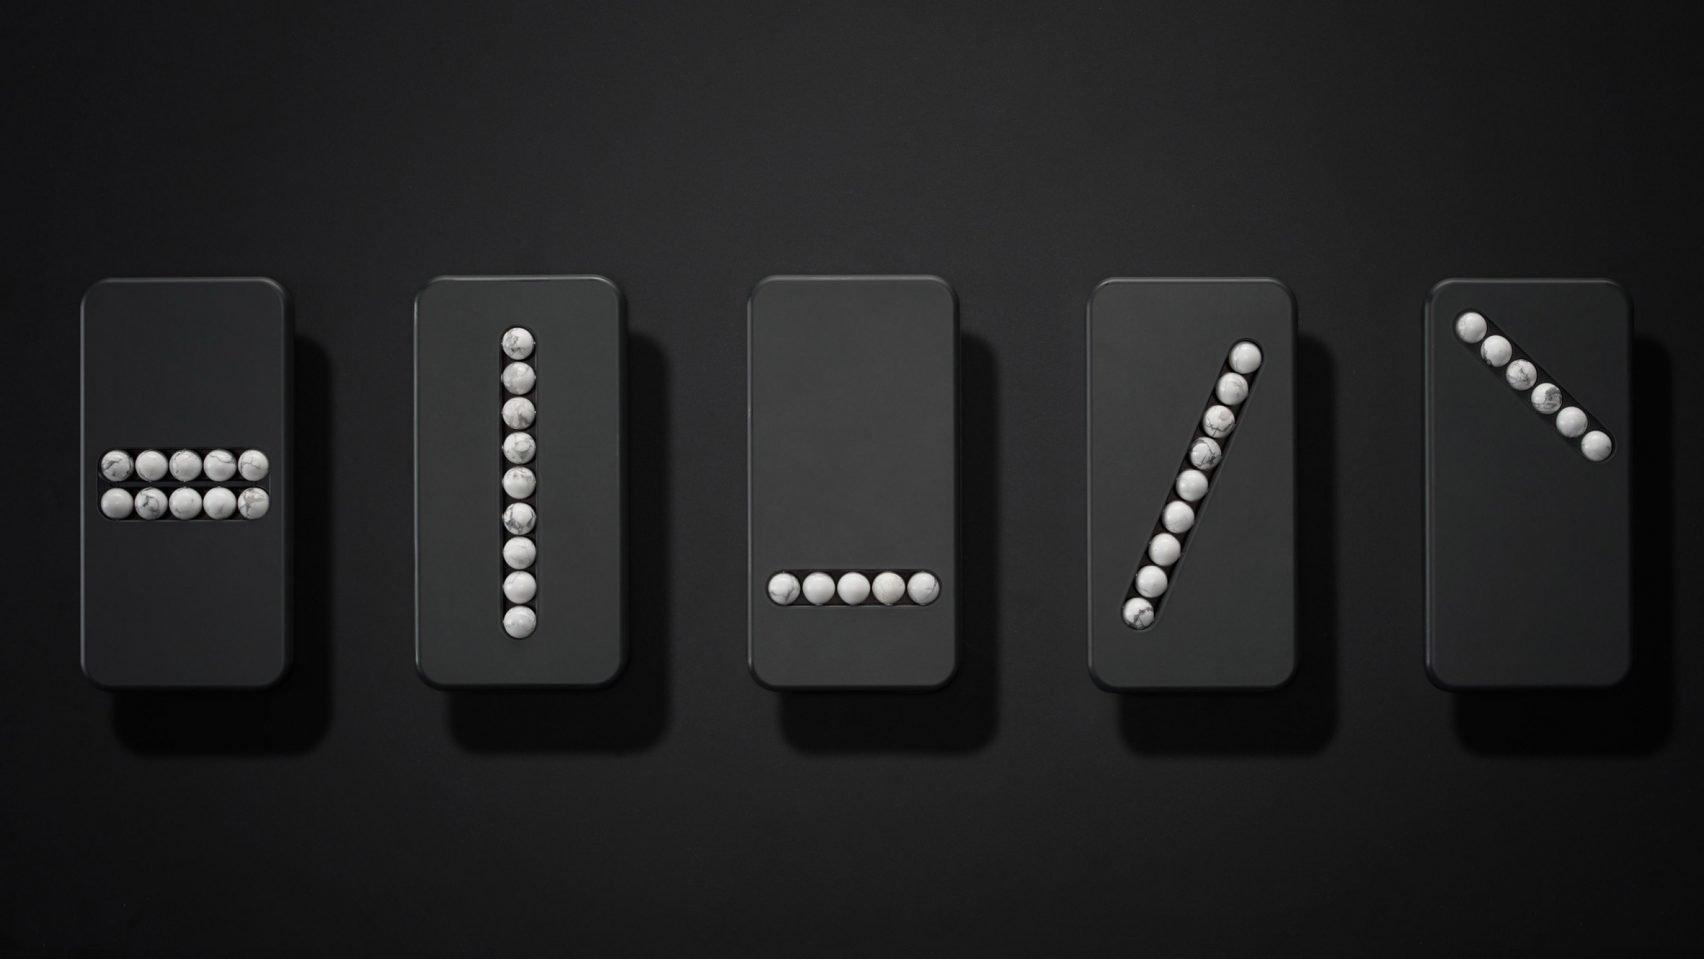 Des substituts pour combatte l'addition aux smartphones